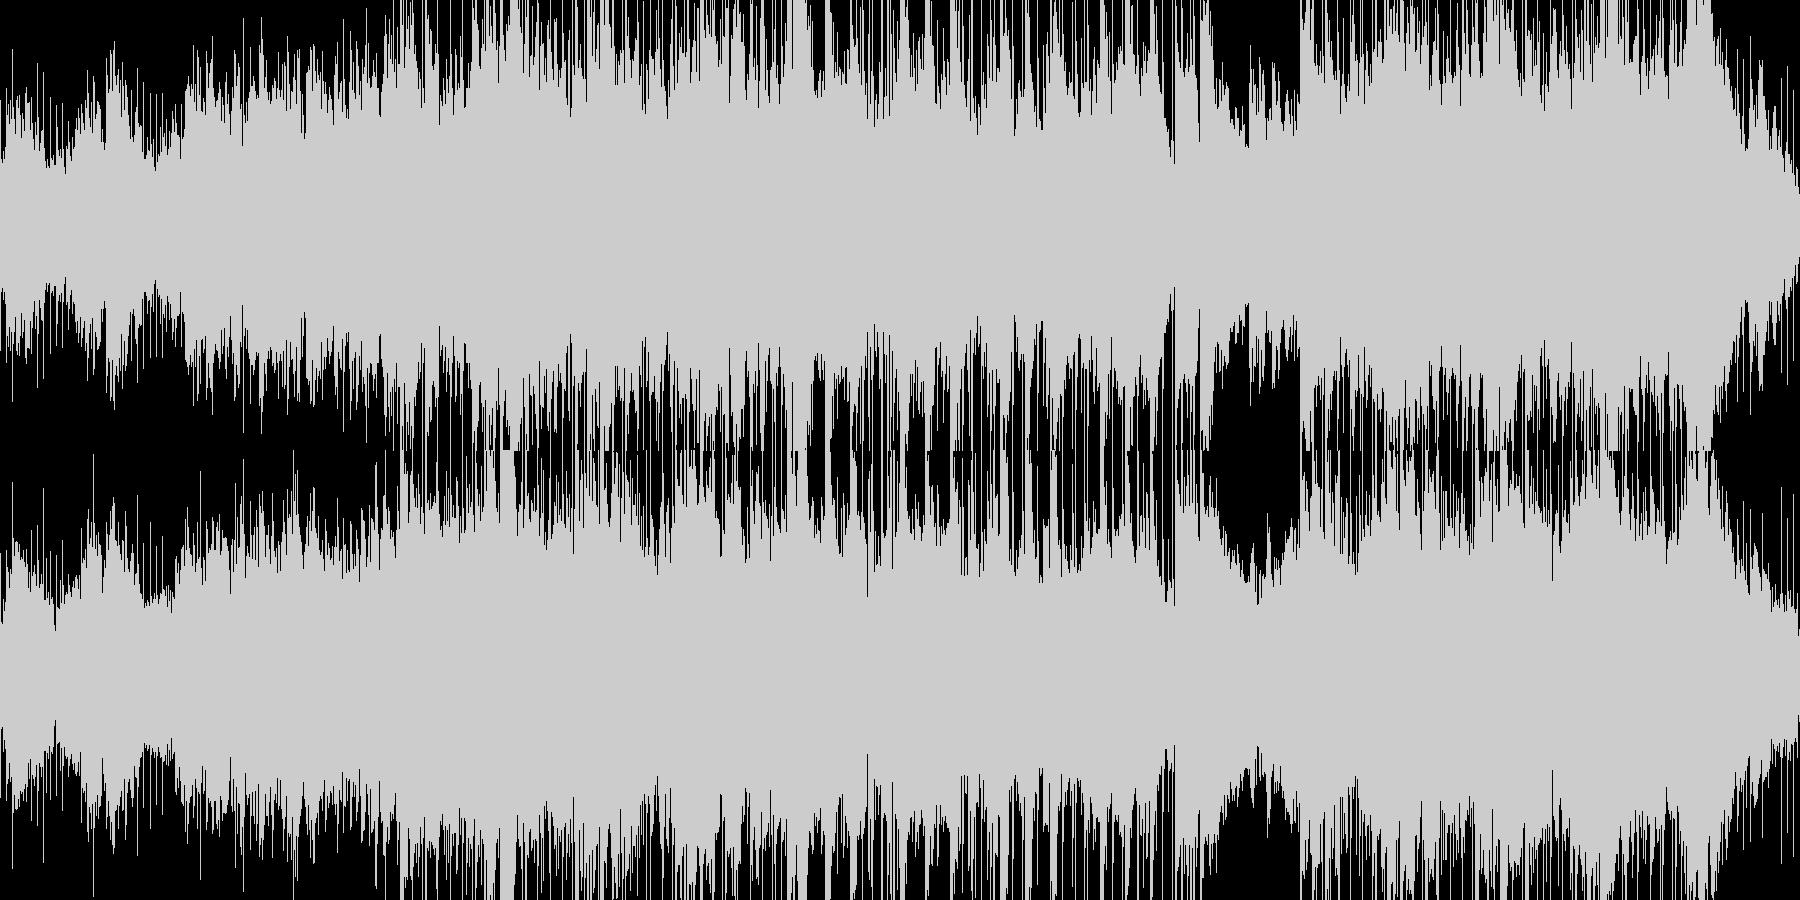 【ループ】不安や悲しみを演出するBGMの未再生の波形